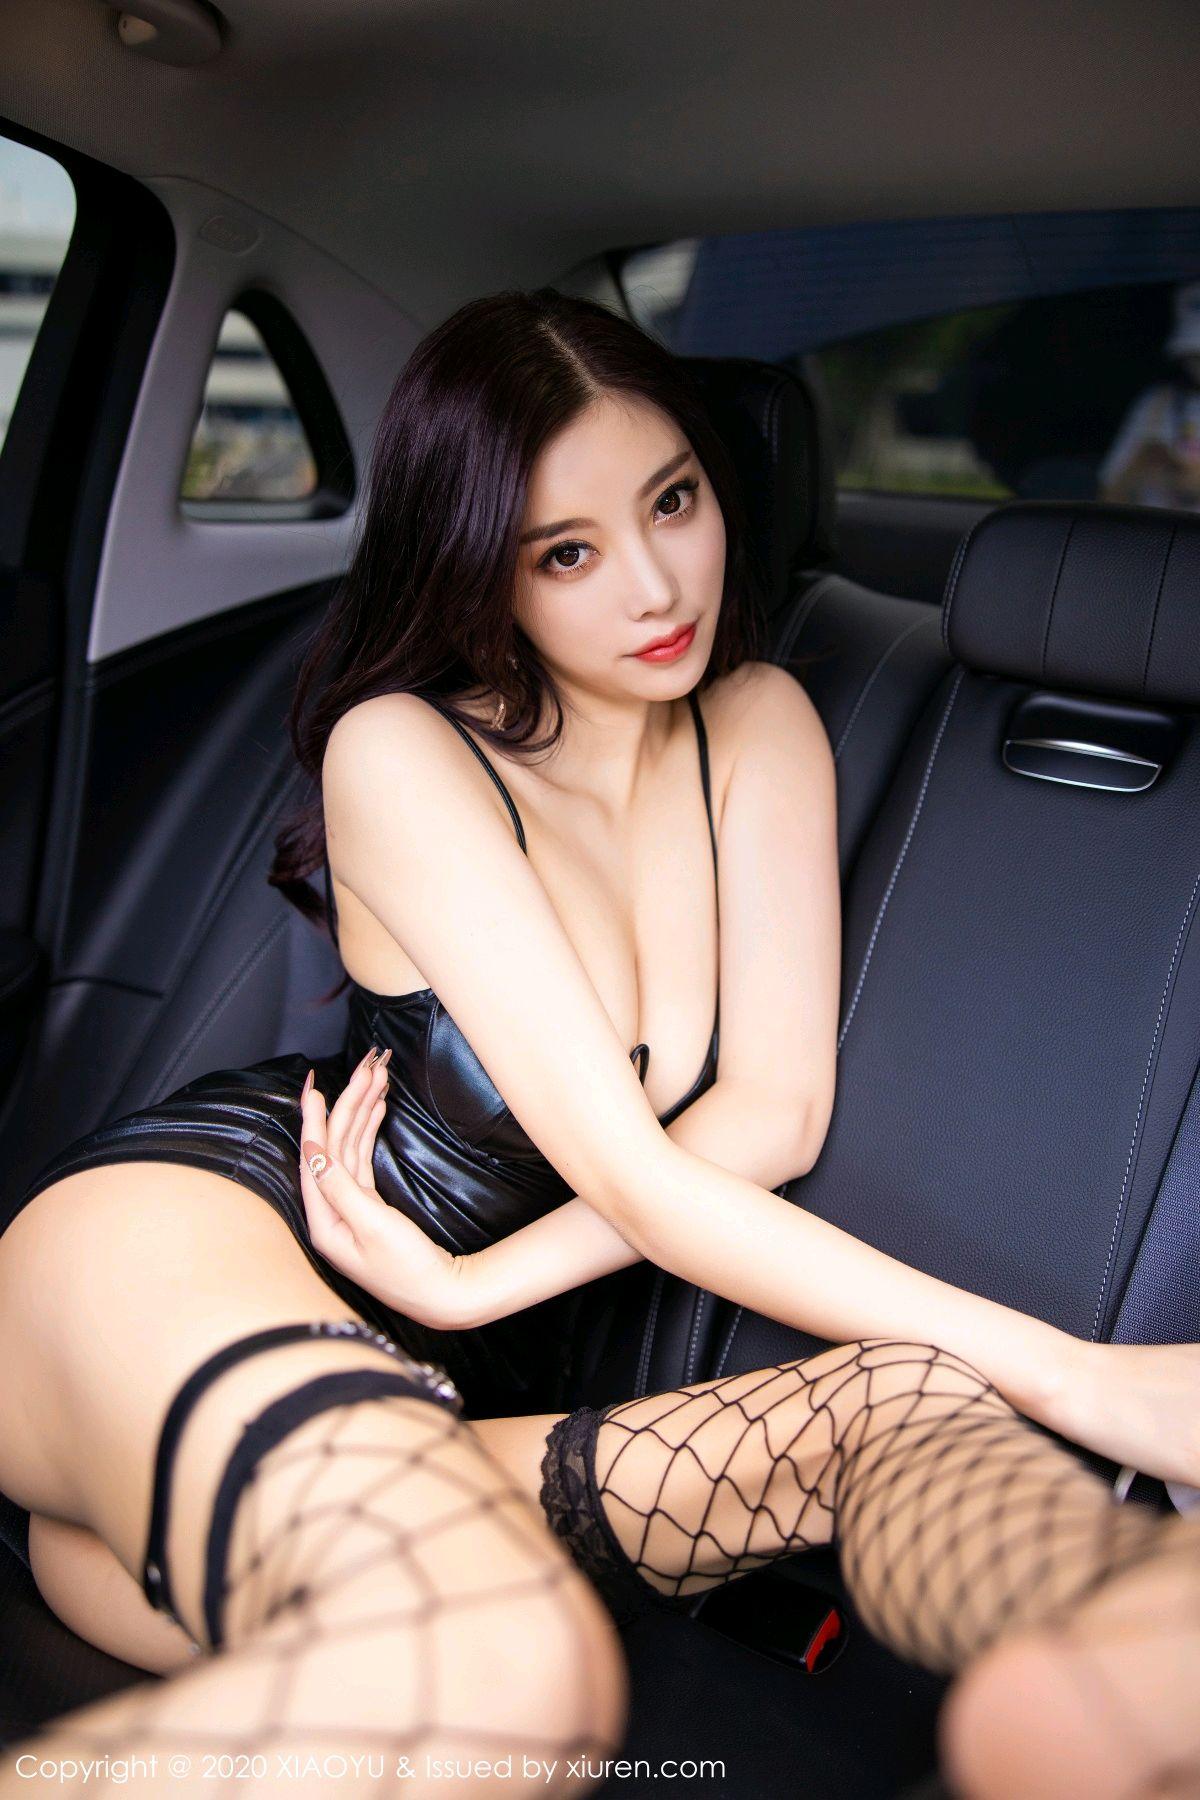 [XiuRen] Vol.338 Yang Chen Chen 82P, Outdoor, Tall, Xiuren, Yang Chen Chen